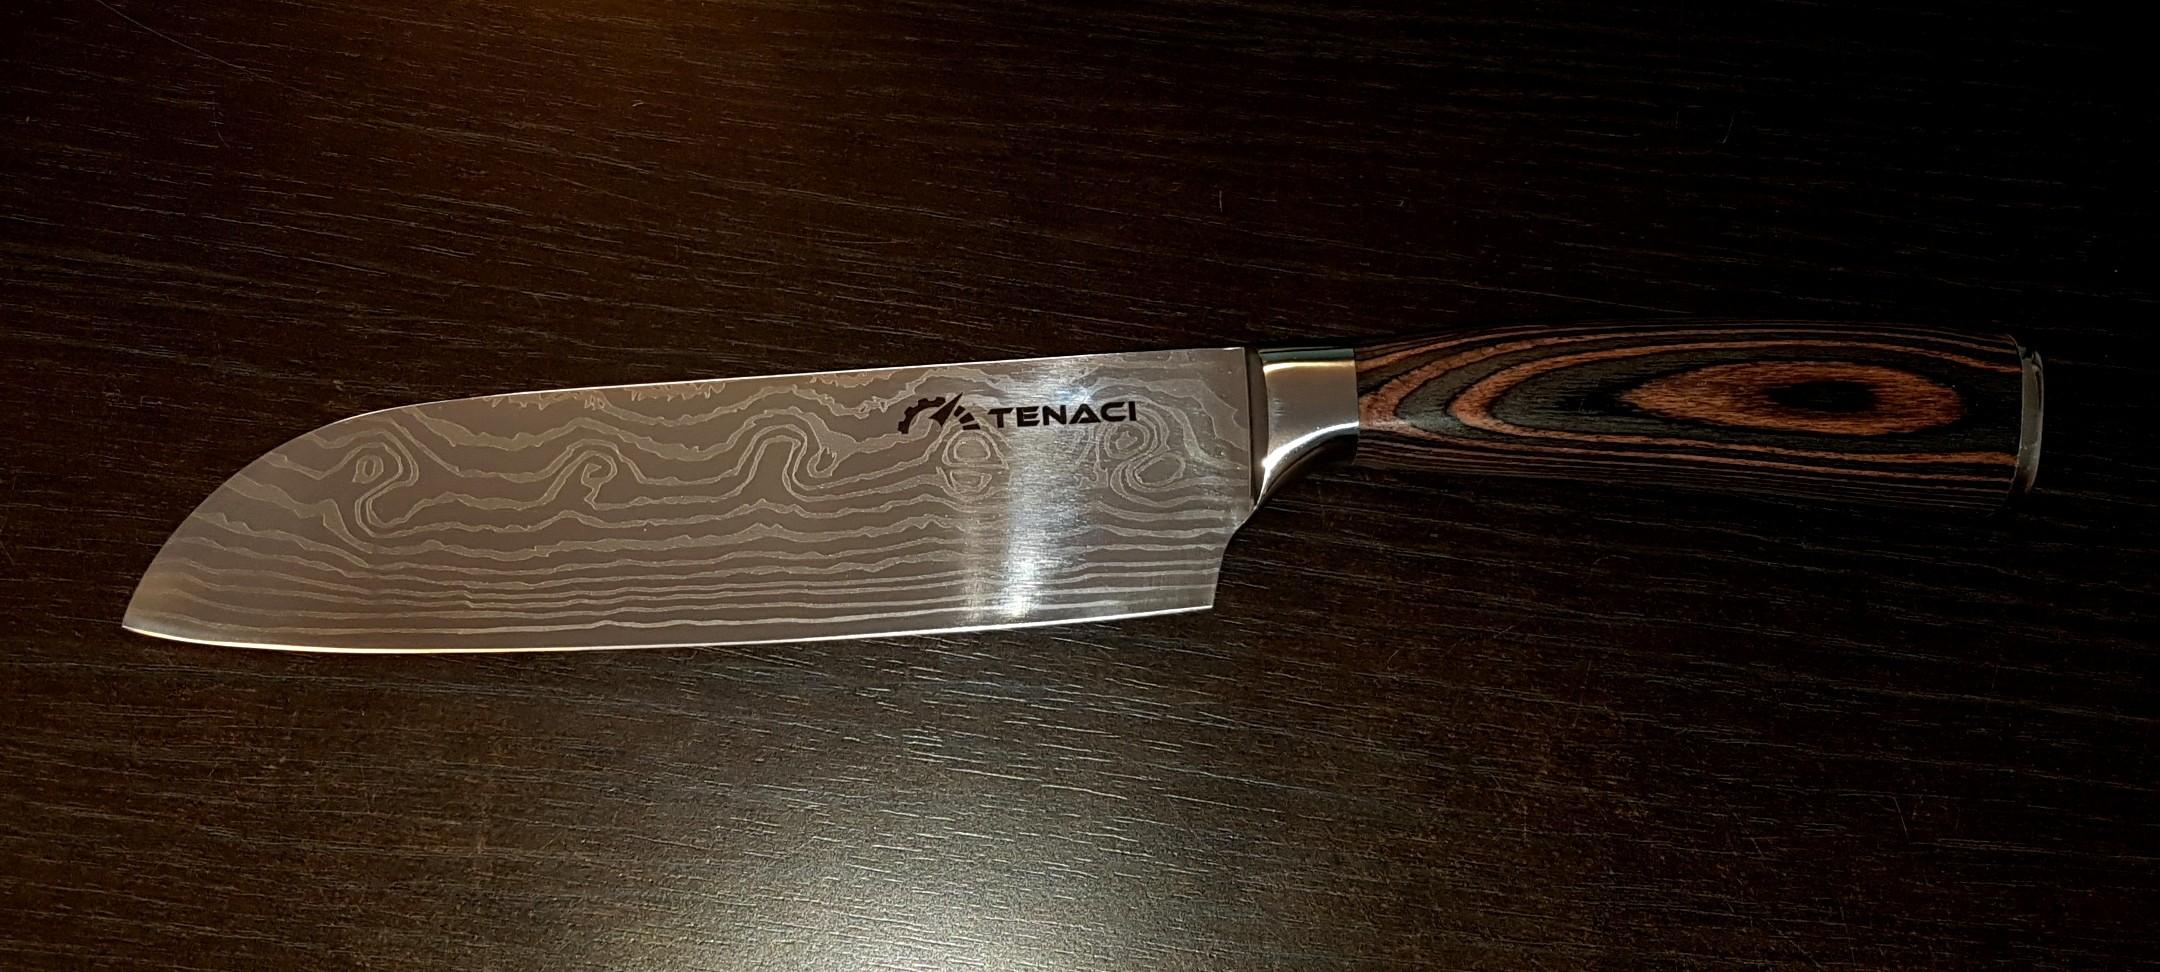 Tenaci kockkniv 31 cm